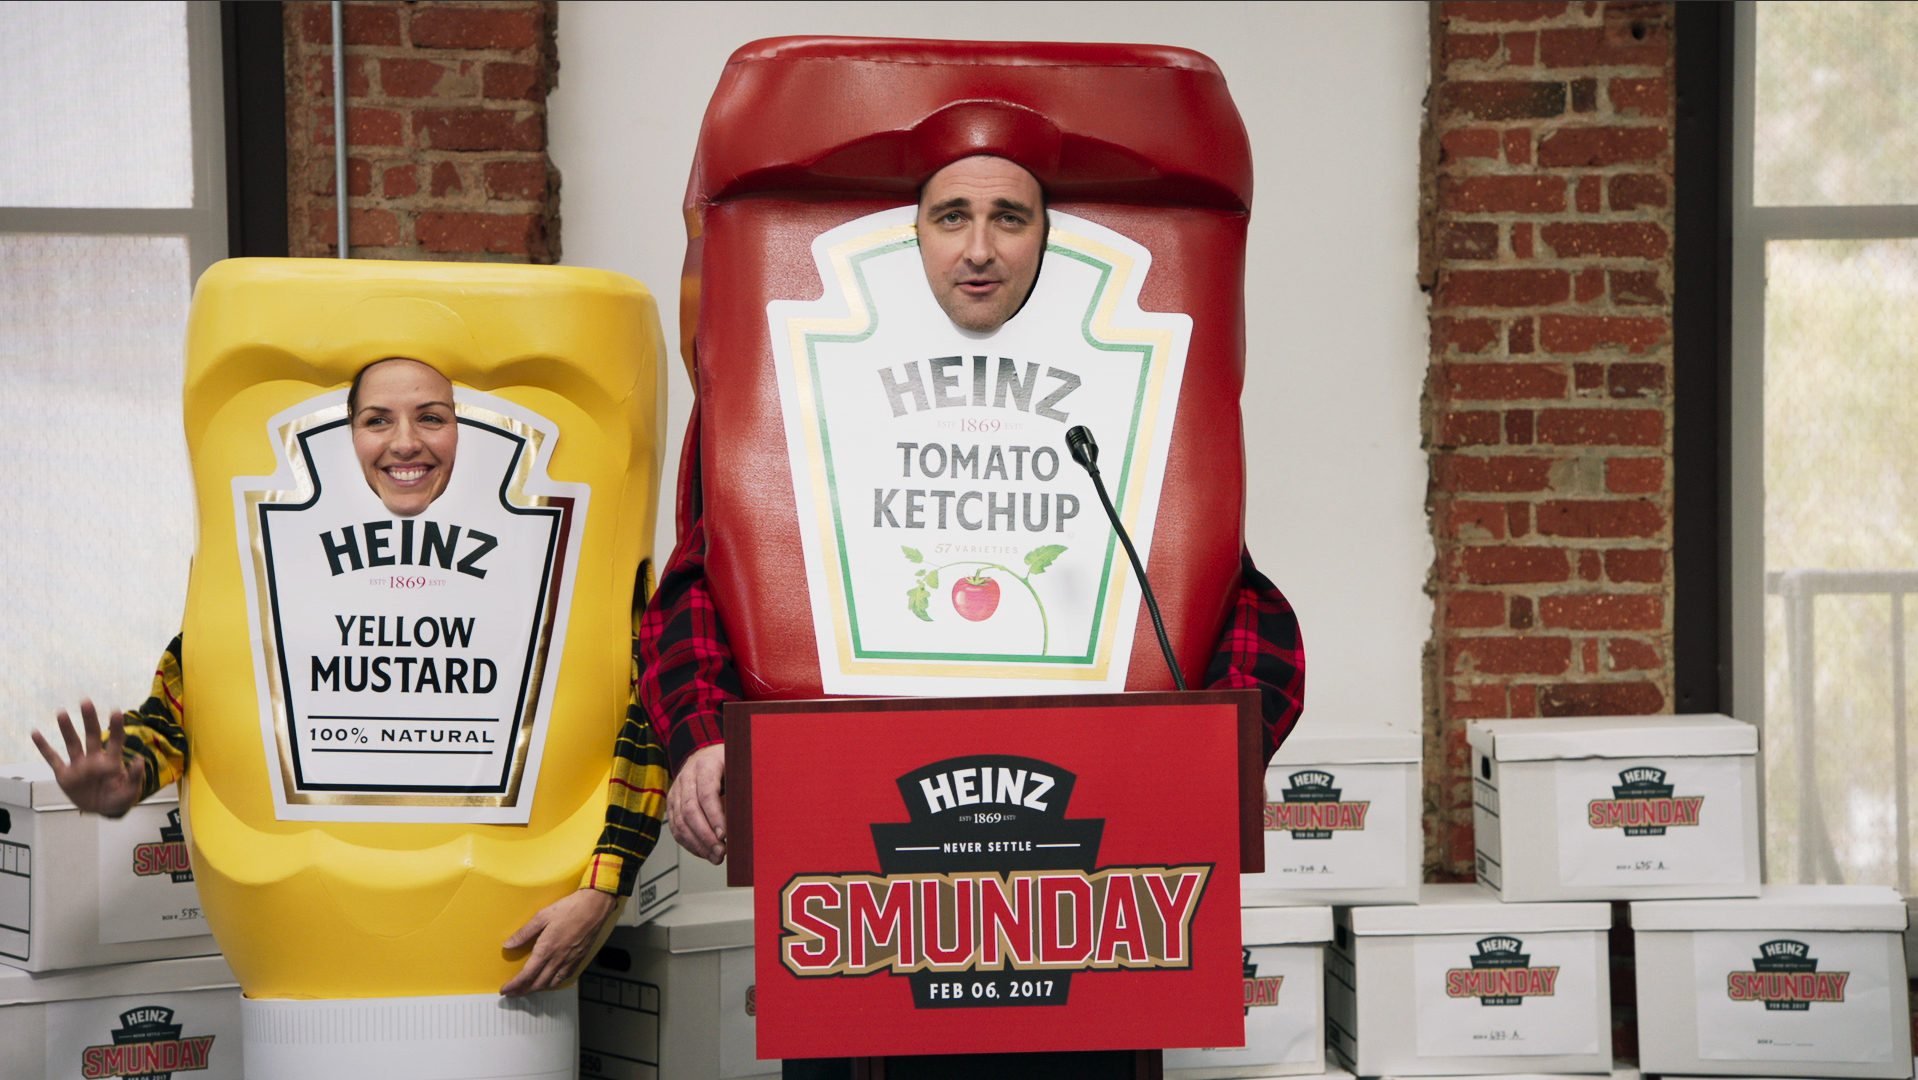 Heinz – Smunday